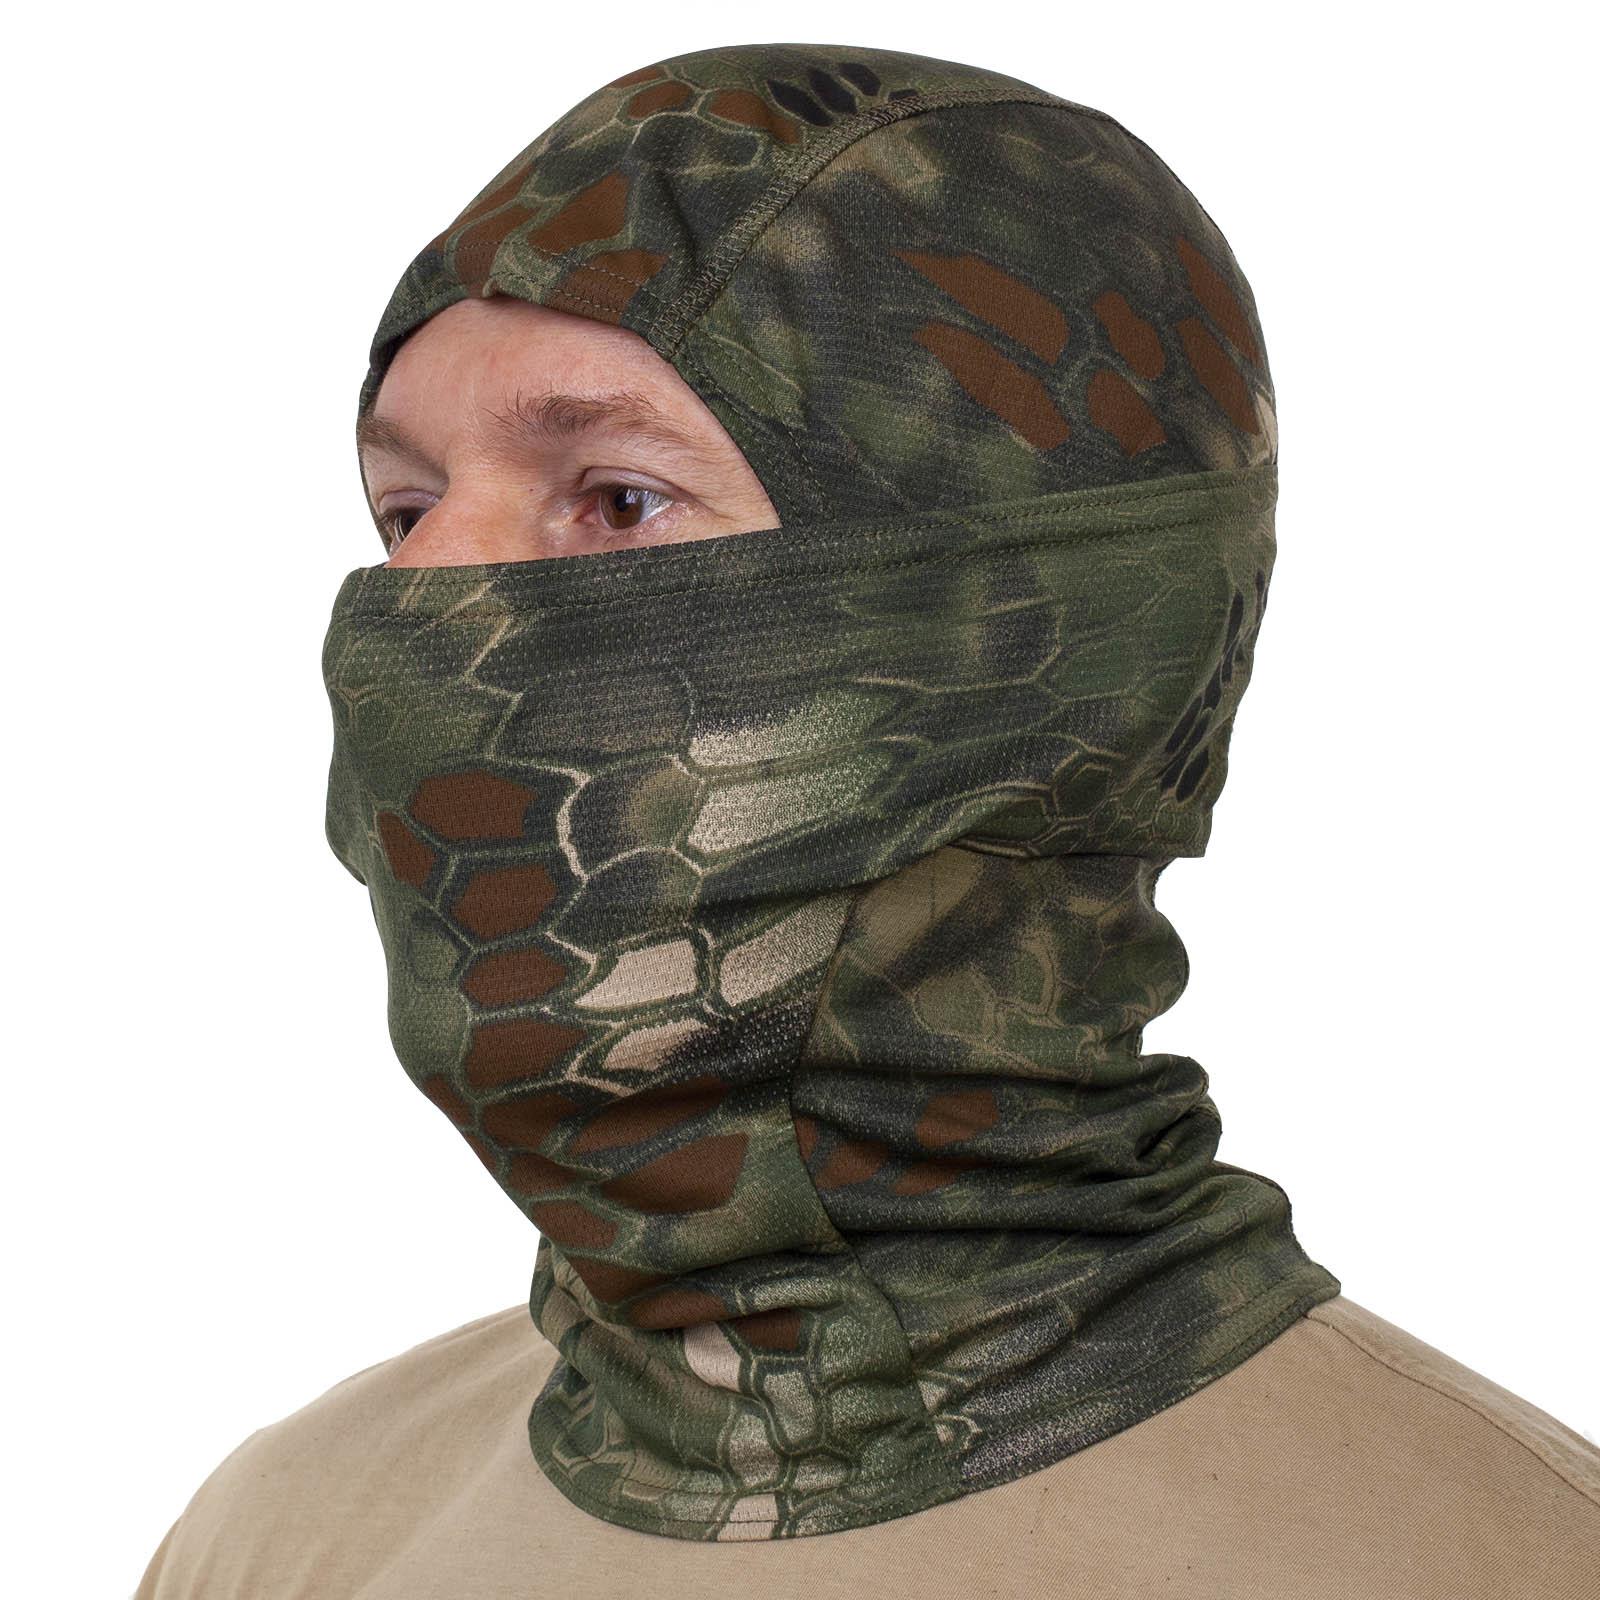 Купить в интернет магазине маску балаклаву с камуфляжным рисунком